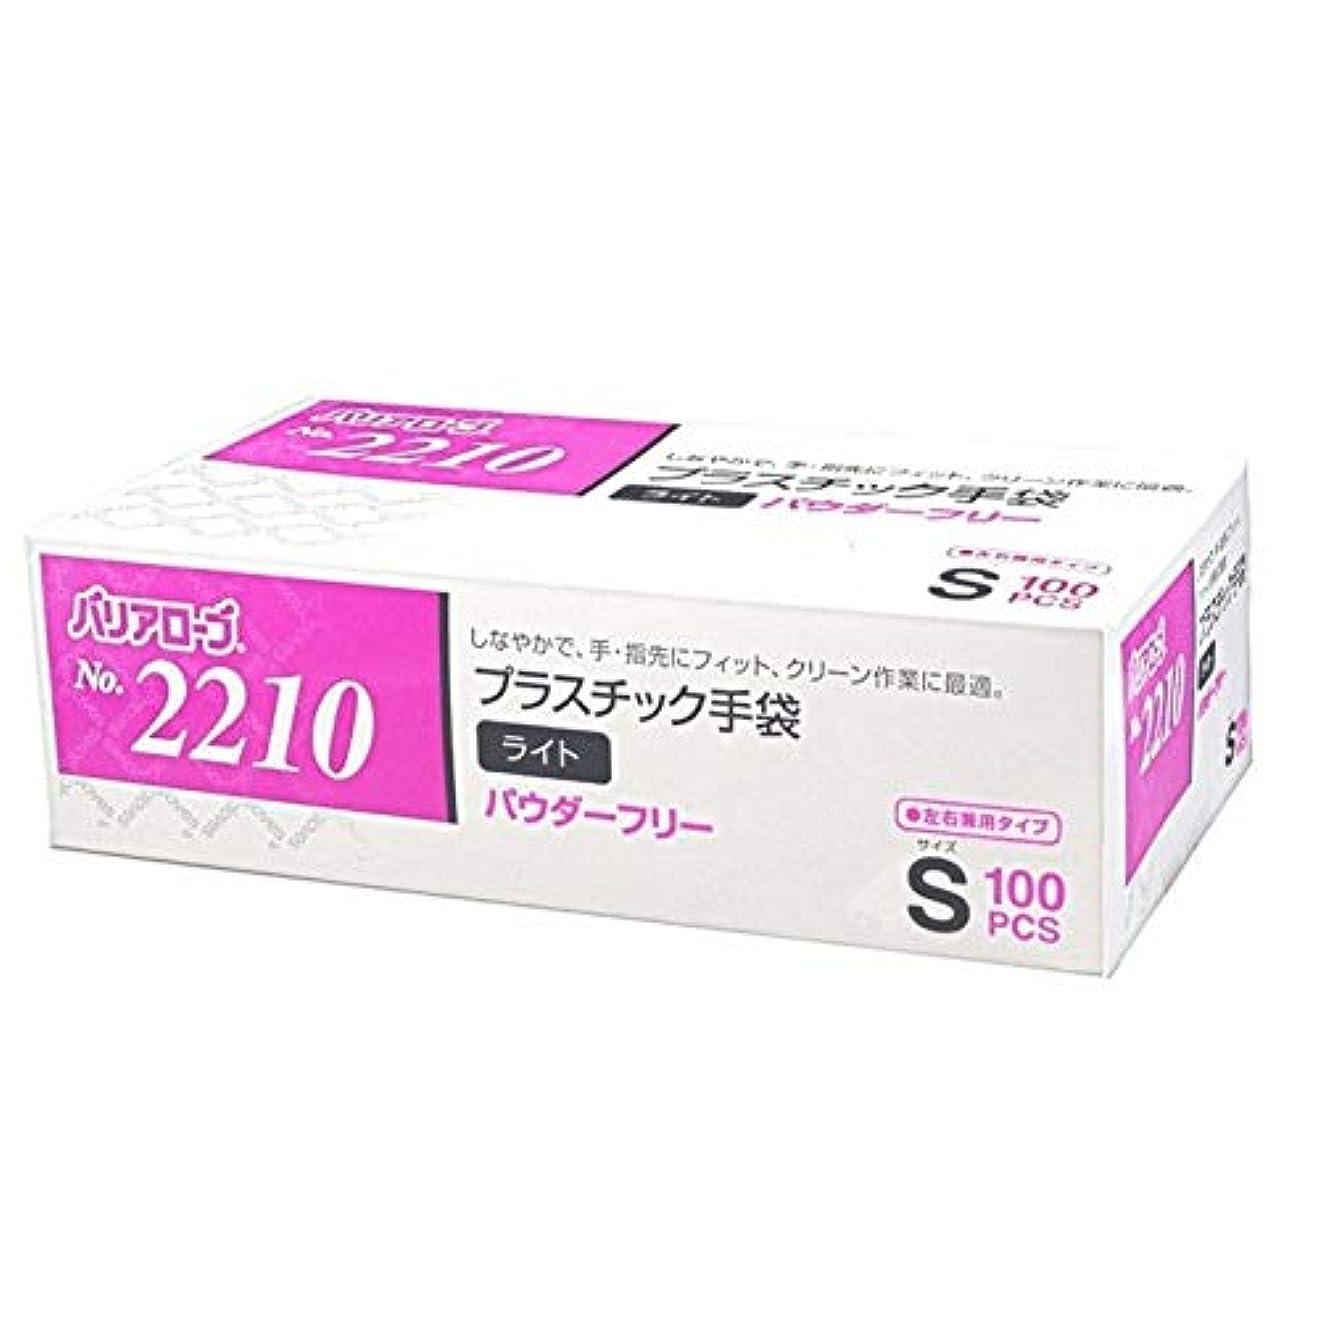 交差点教義悲惨【ケース販売】 バリアローブ №2210 プラスチック手袋 ライト (パウダーフリー) S 2000枚(100枚×20箱)